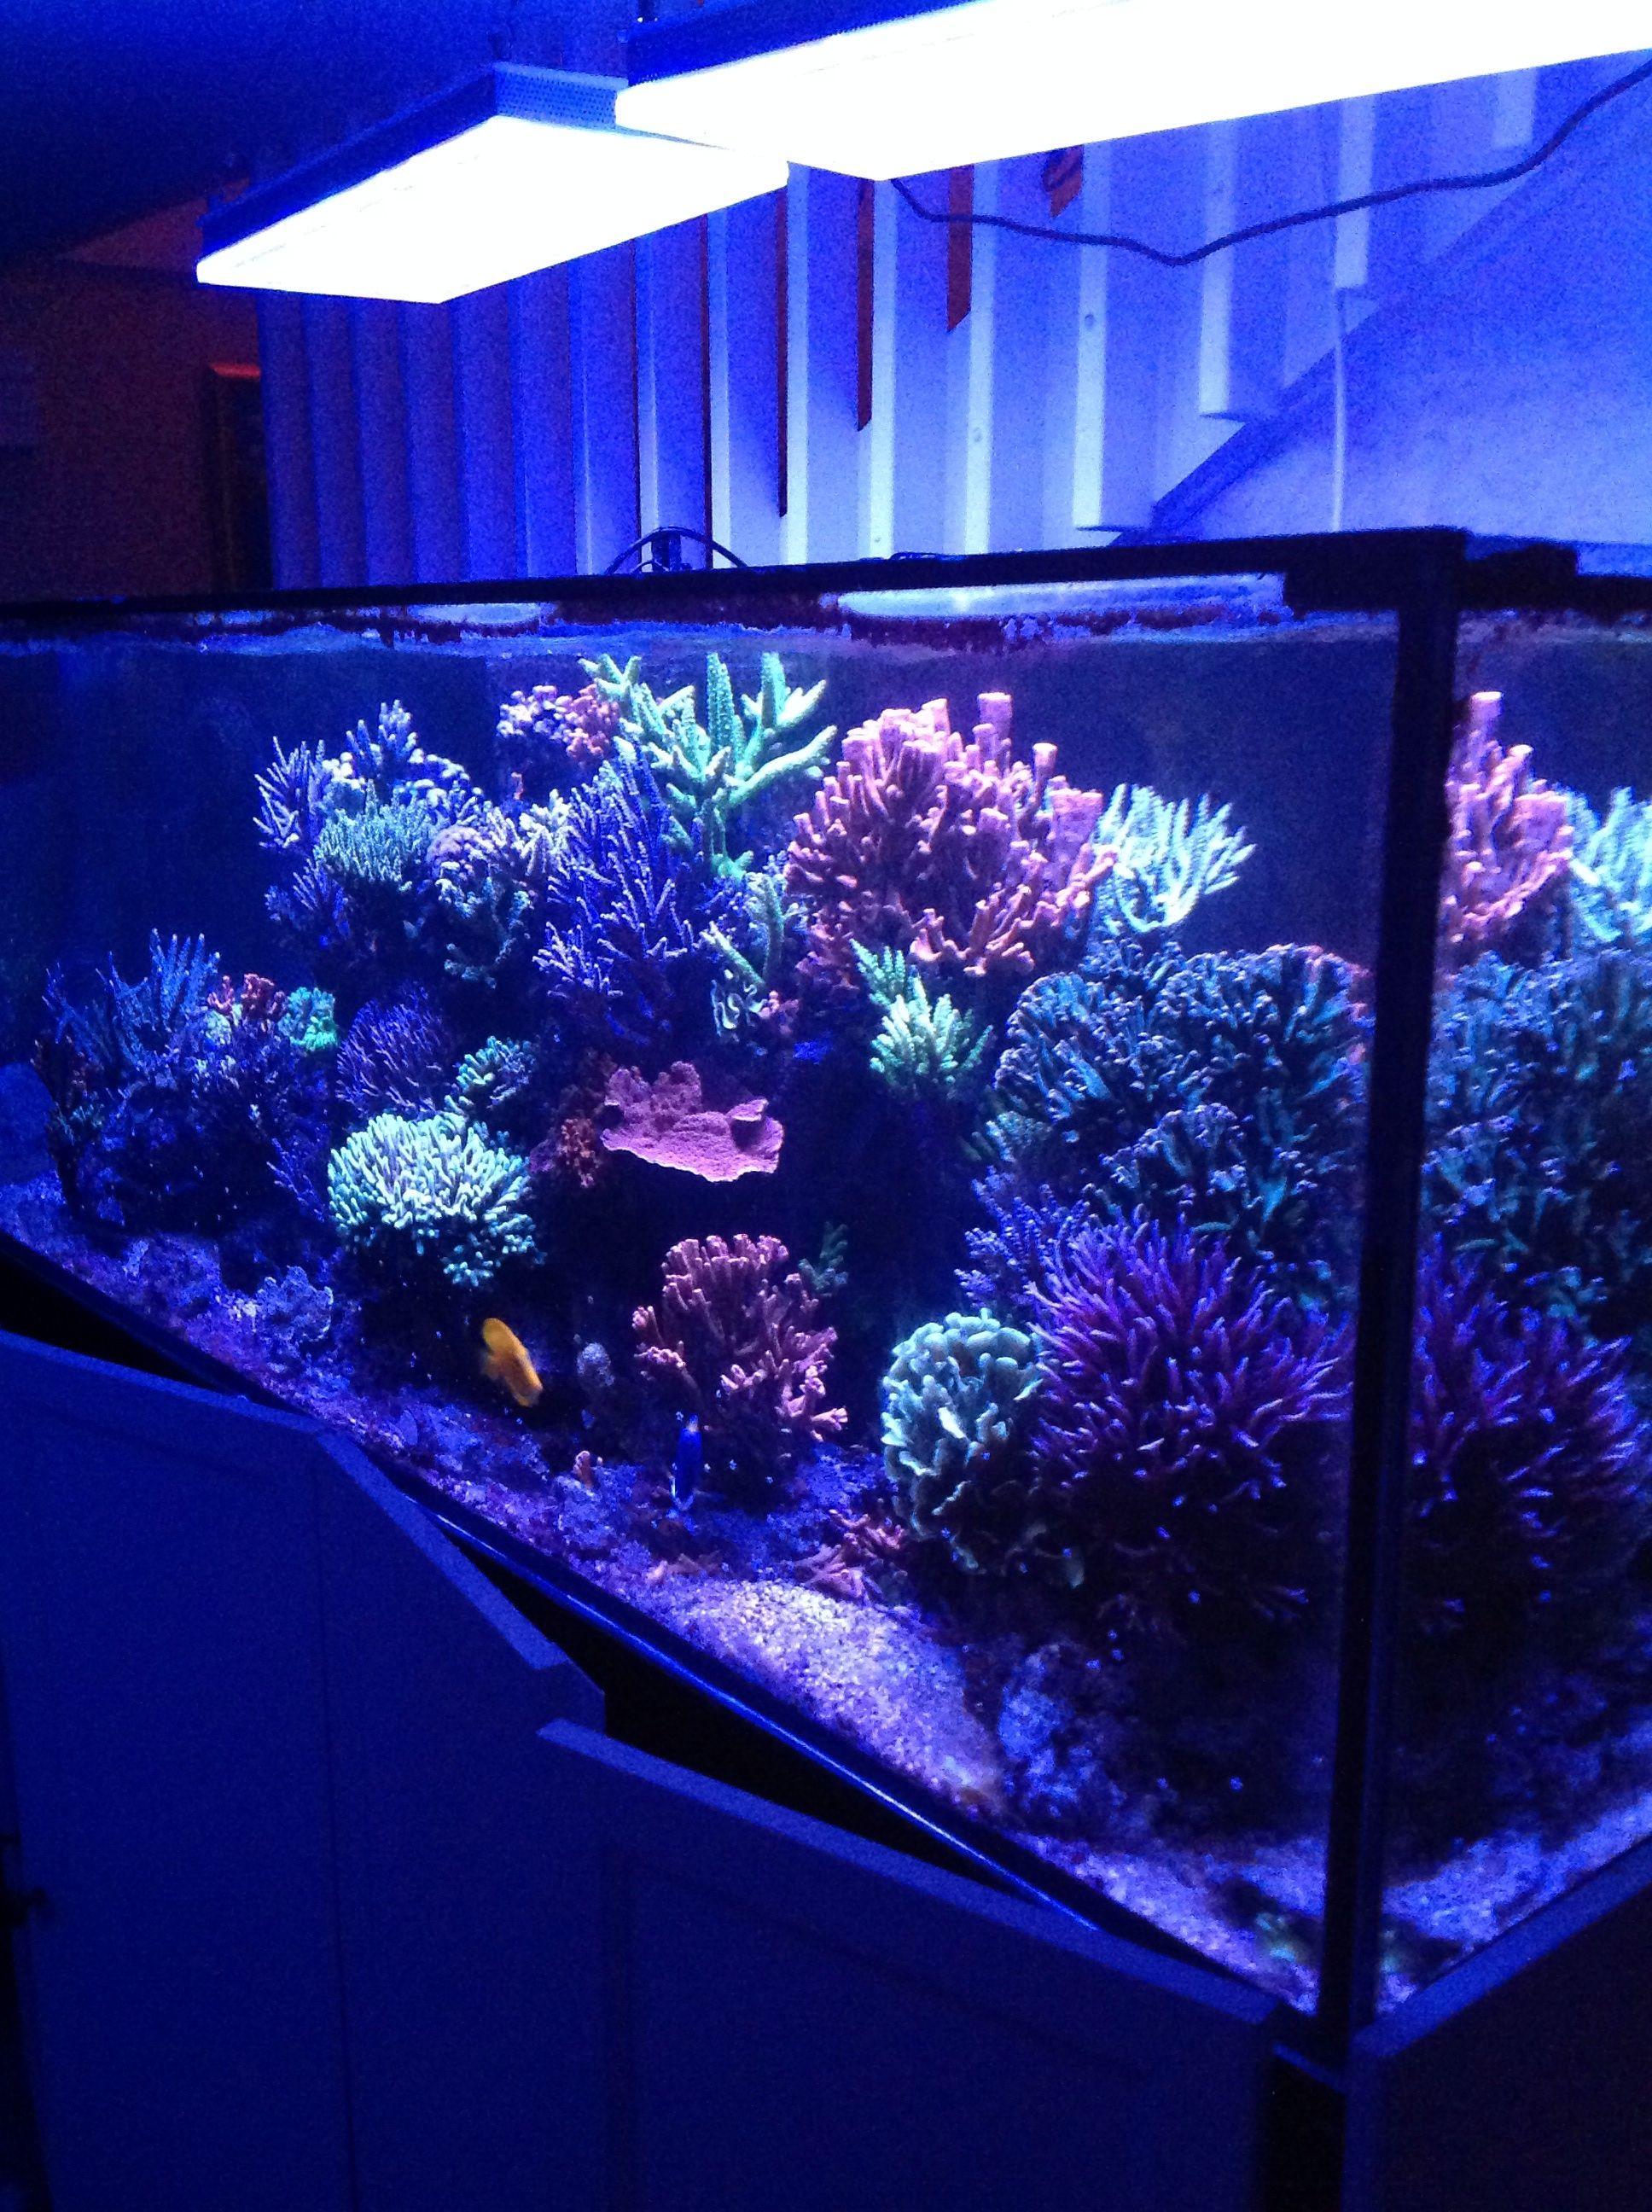 12f528da8106c4b2aa09844a67e98eea Frais De Aquarium Recifal Complet Concept